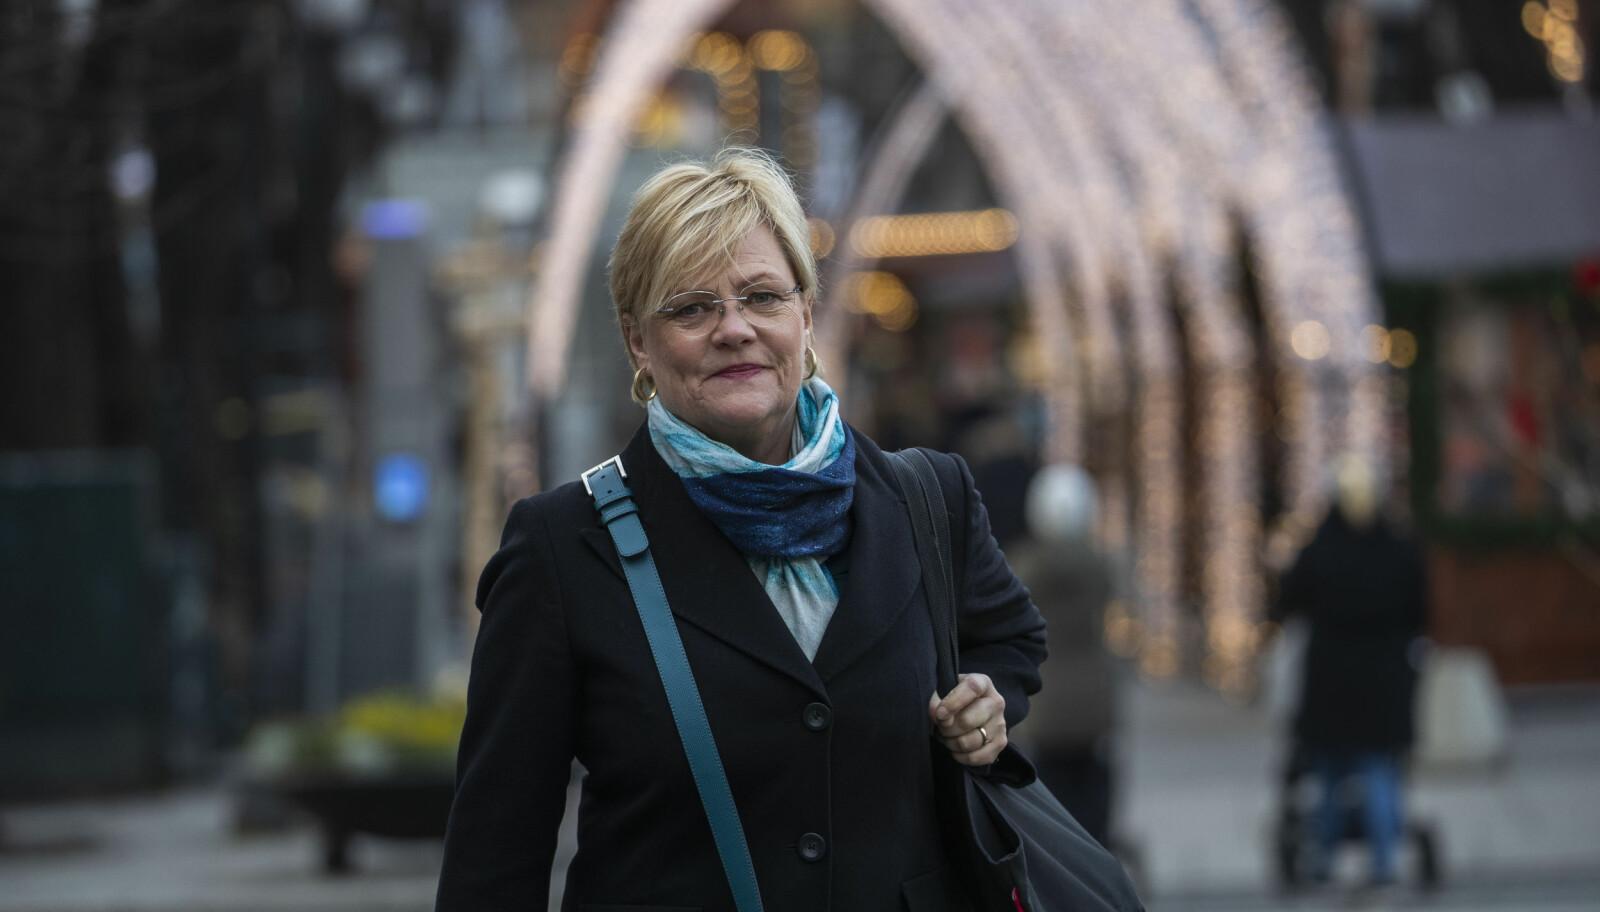 Tidligere kunnskapsminister Kristin Halvorsen.